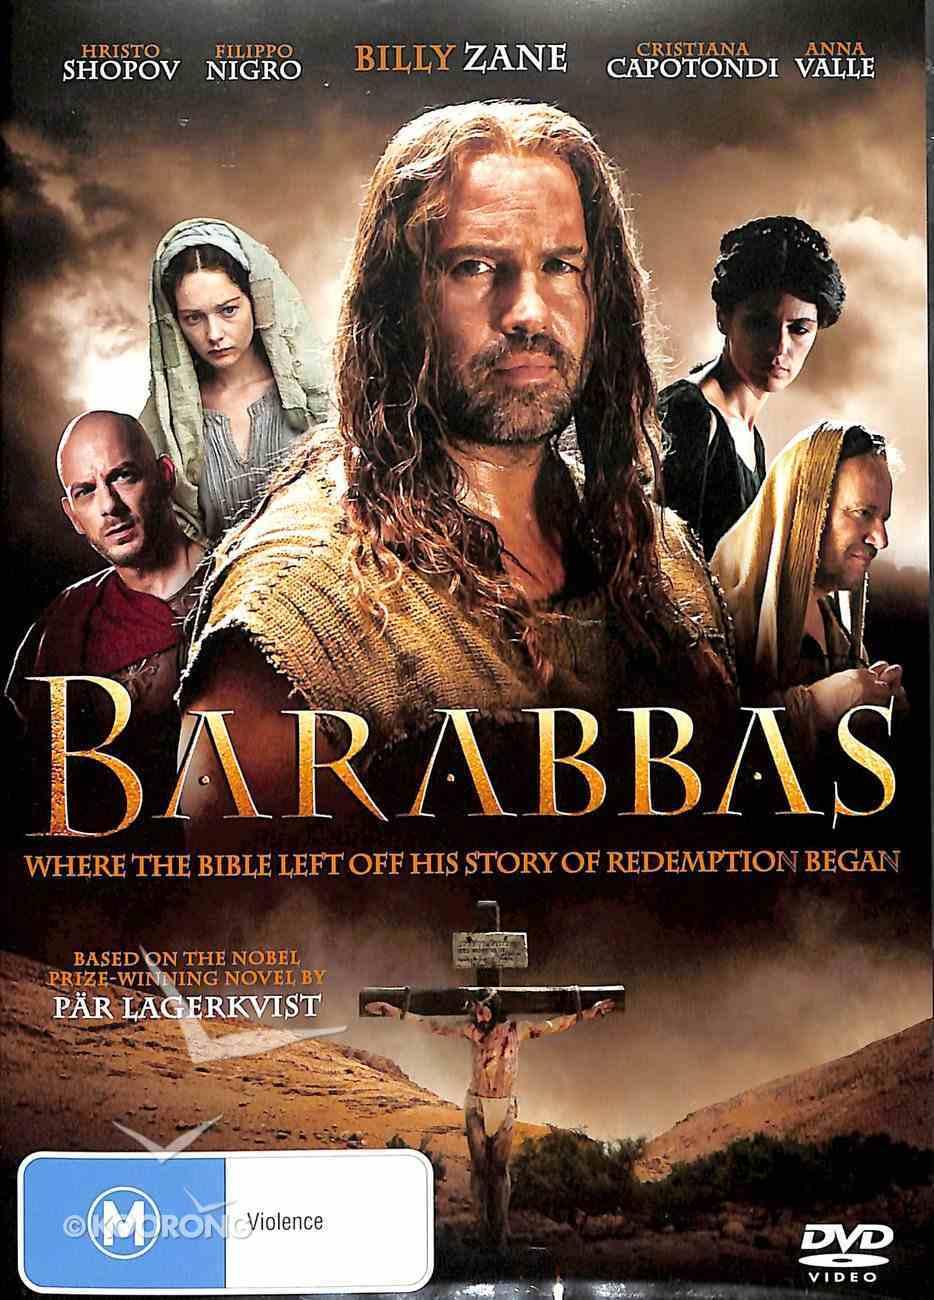 Barabbas DVD